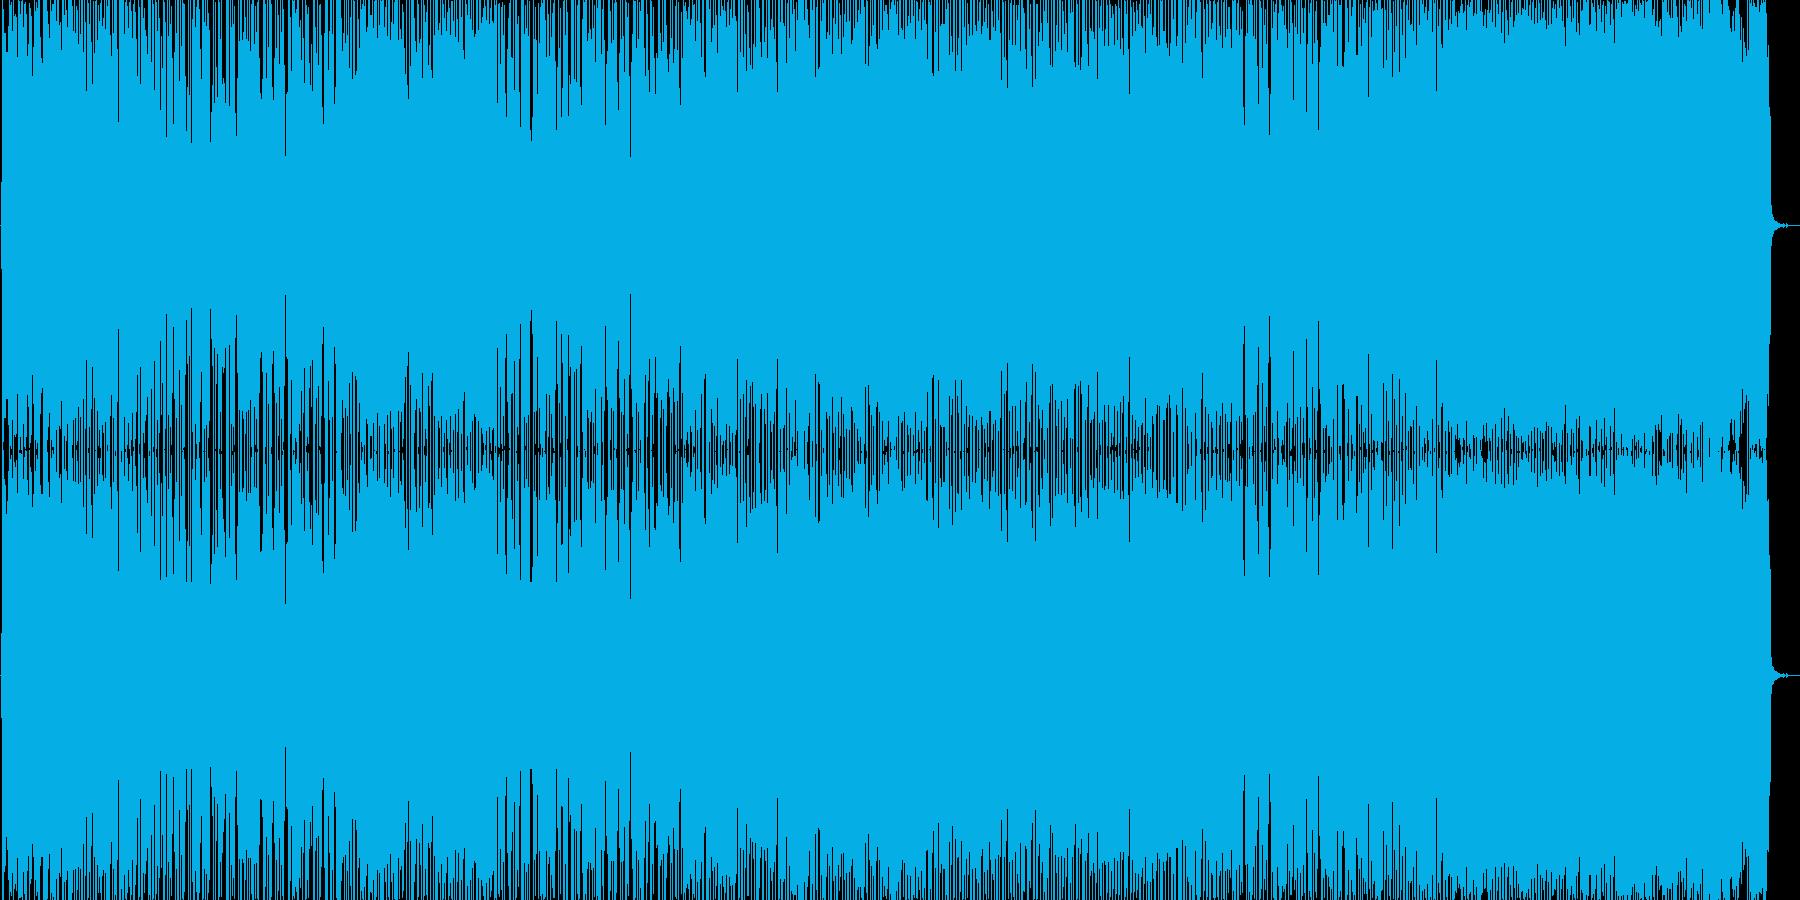 ミドルテンポの曲で主人公登場シーンや格…の再生済みの波形